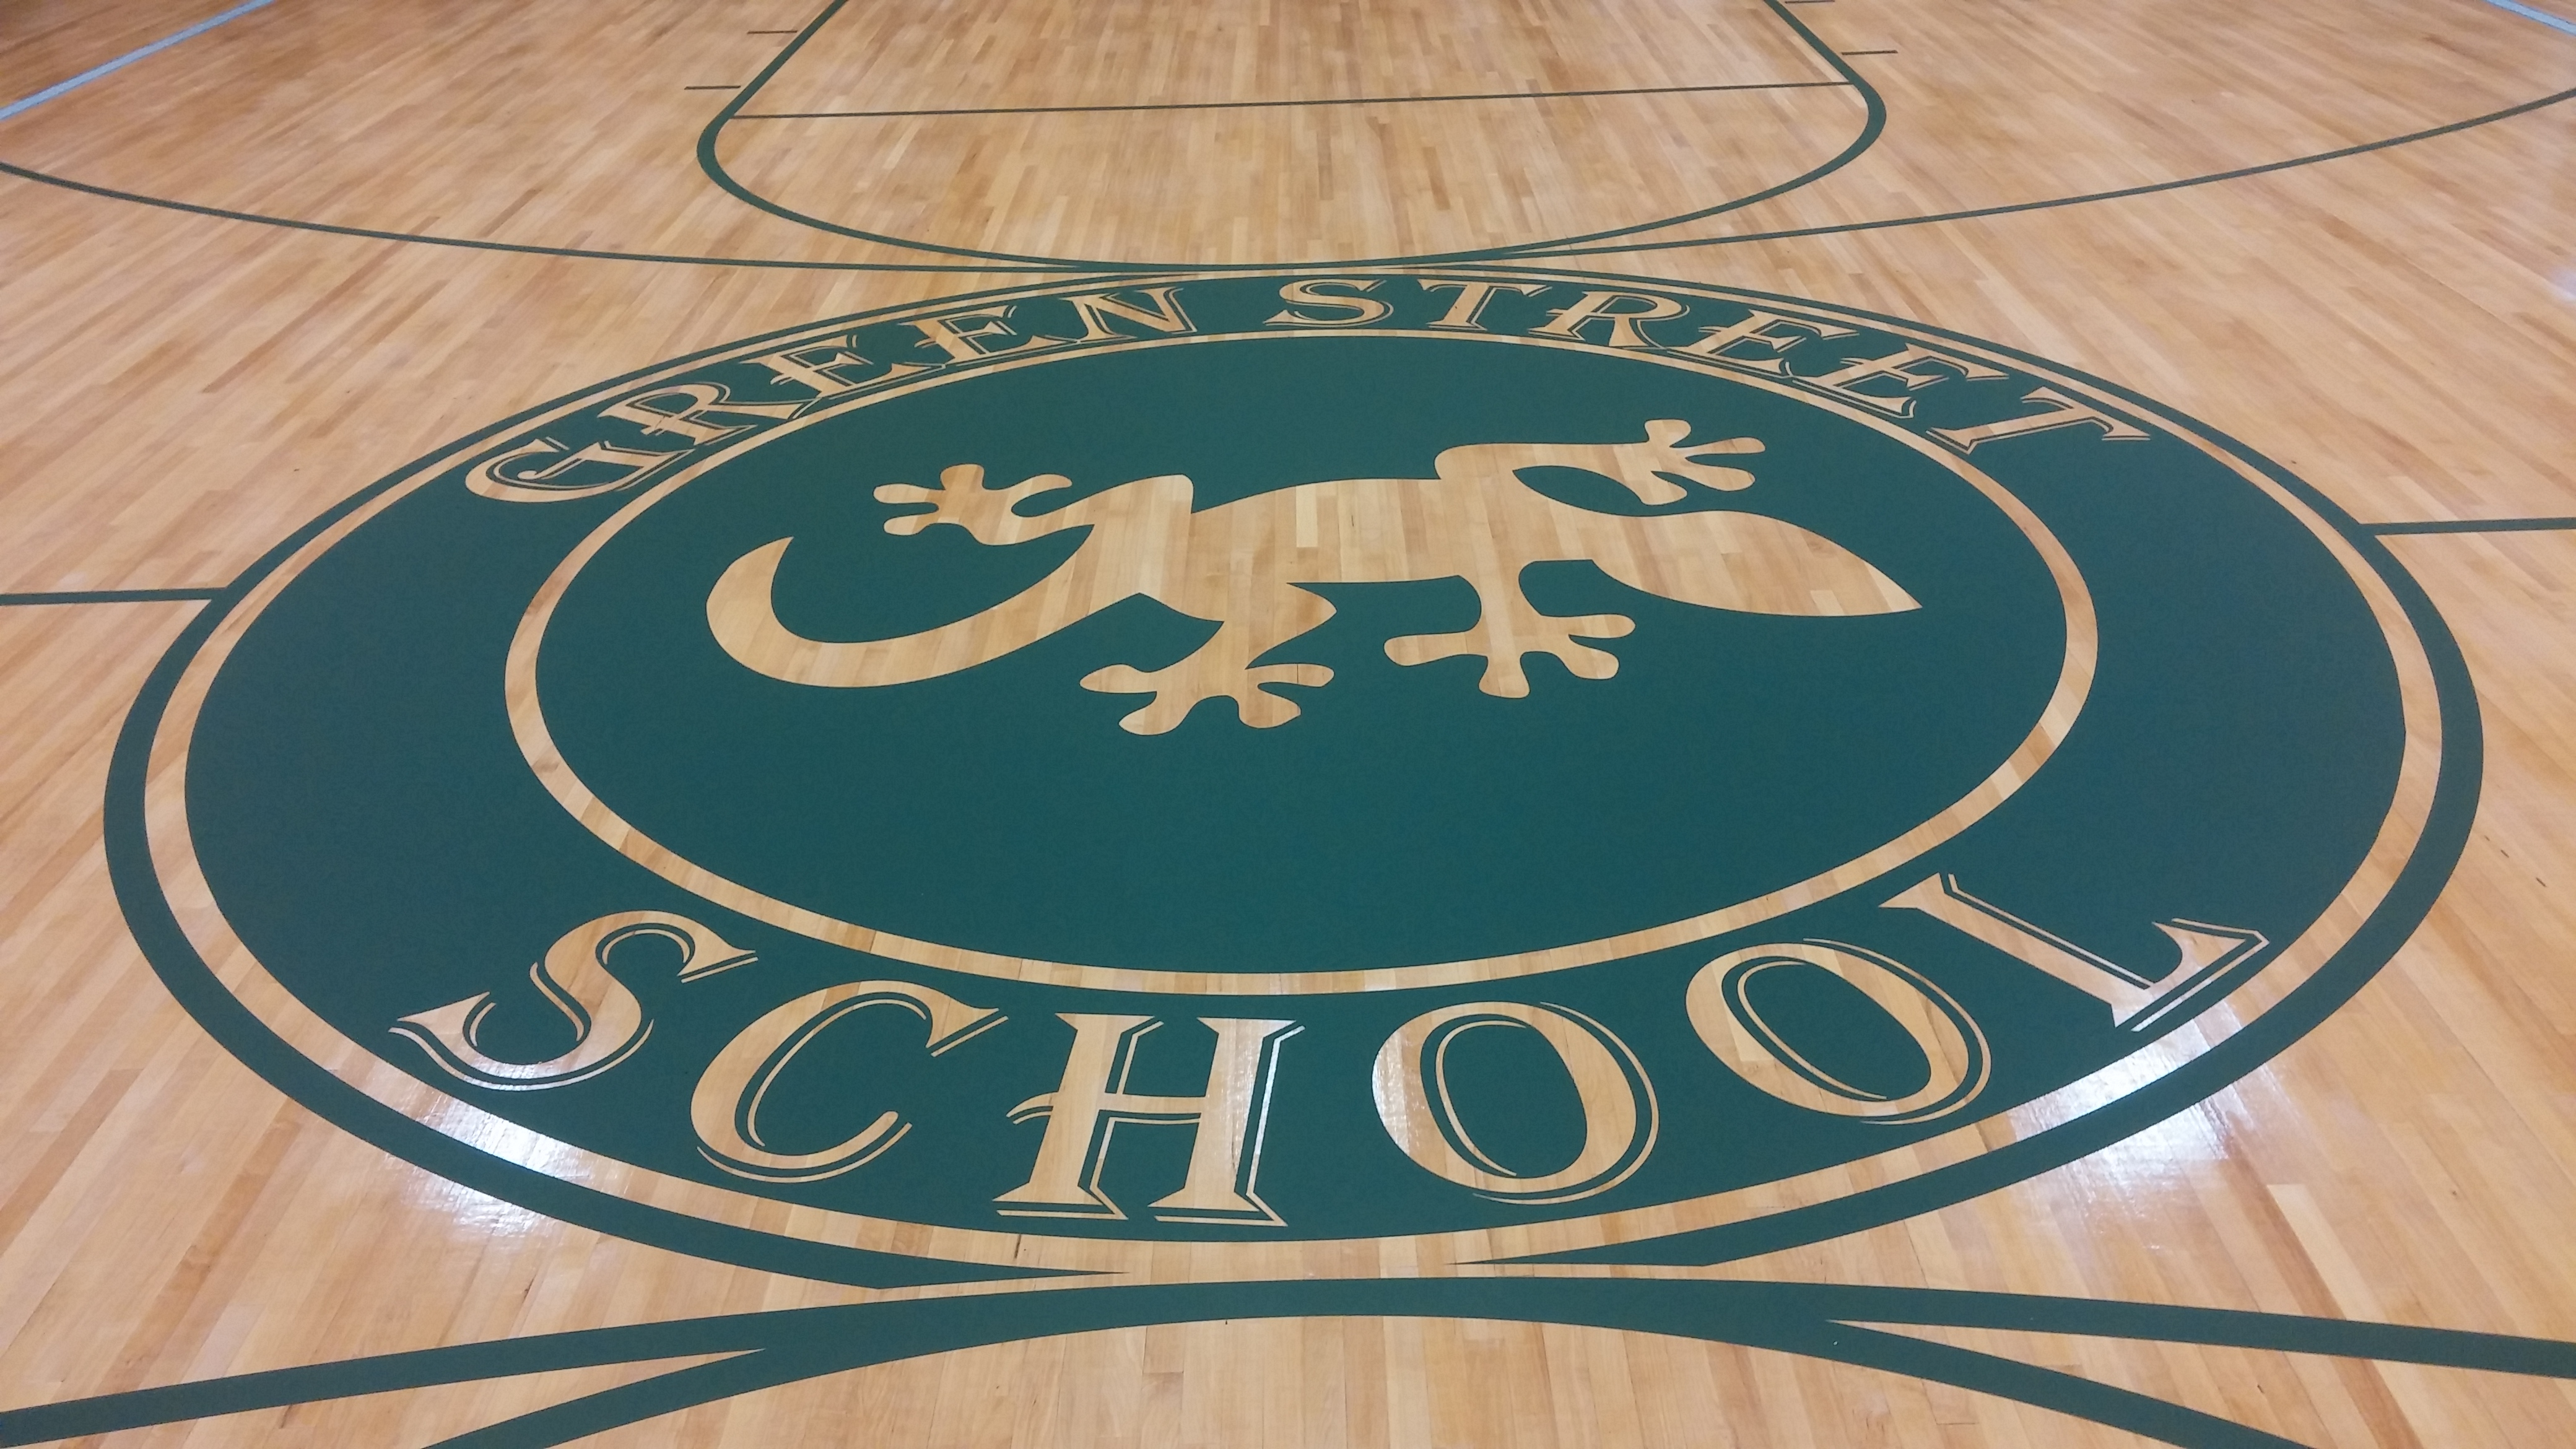 Logo - Green Street School - Brattleboro VT.JPG